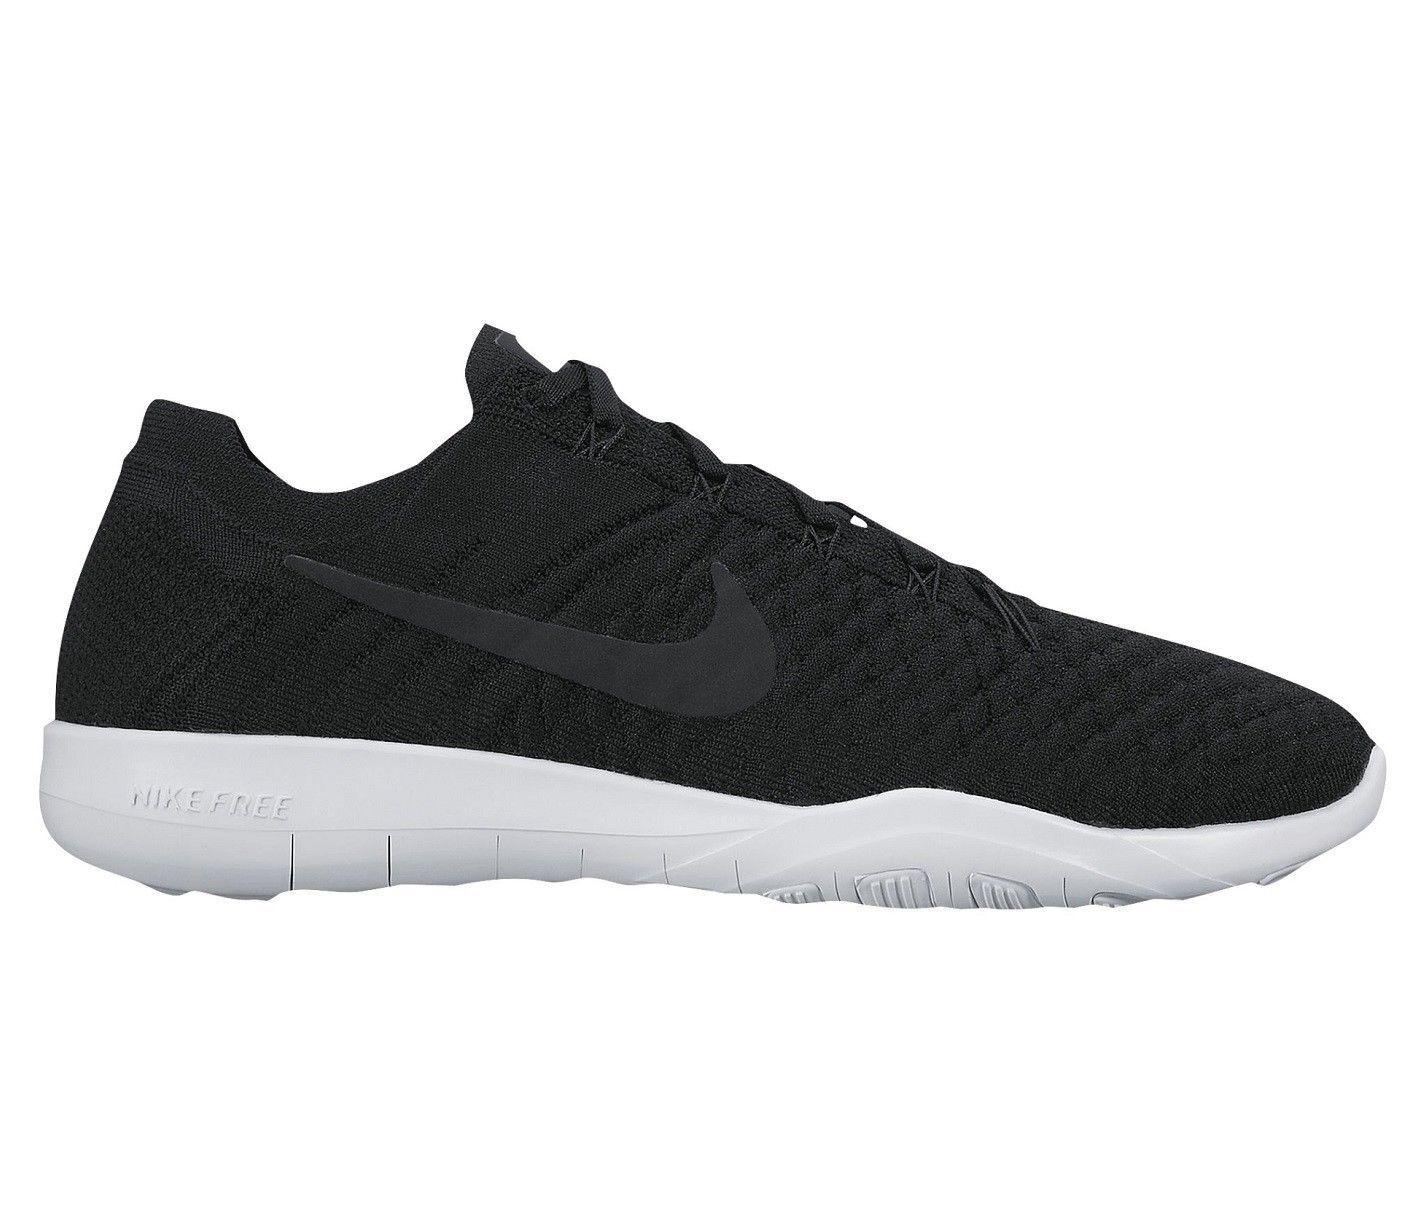 NIB Nike Free TR Flyknit 2 Sneaker shoes Black Black 904658-001 Women's Sz 6 - 11